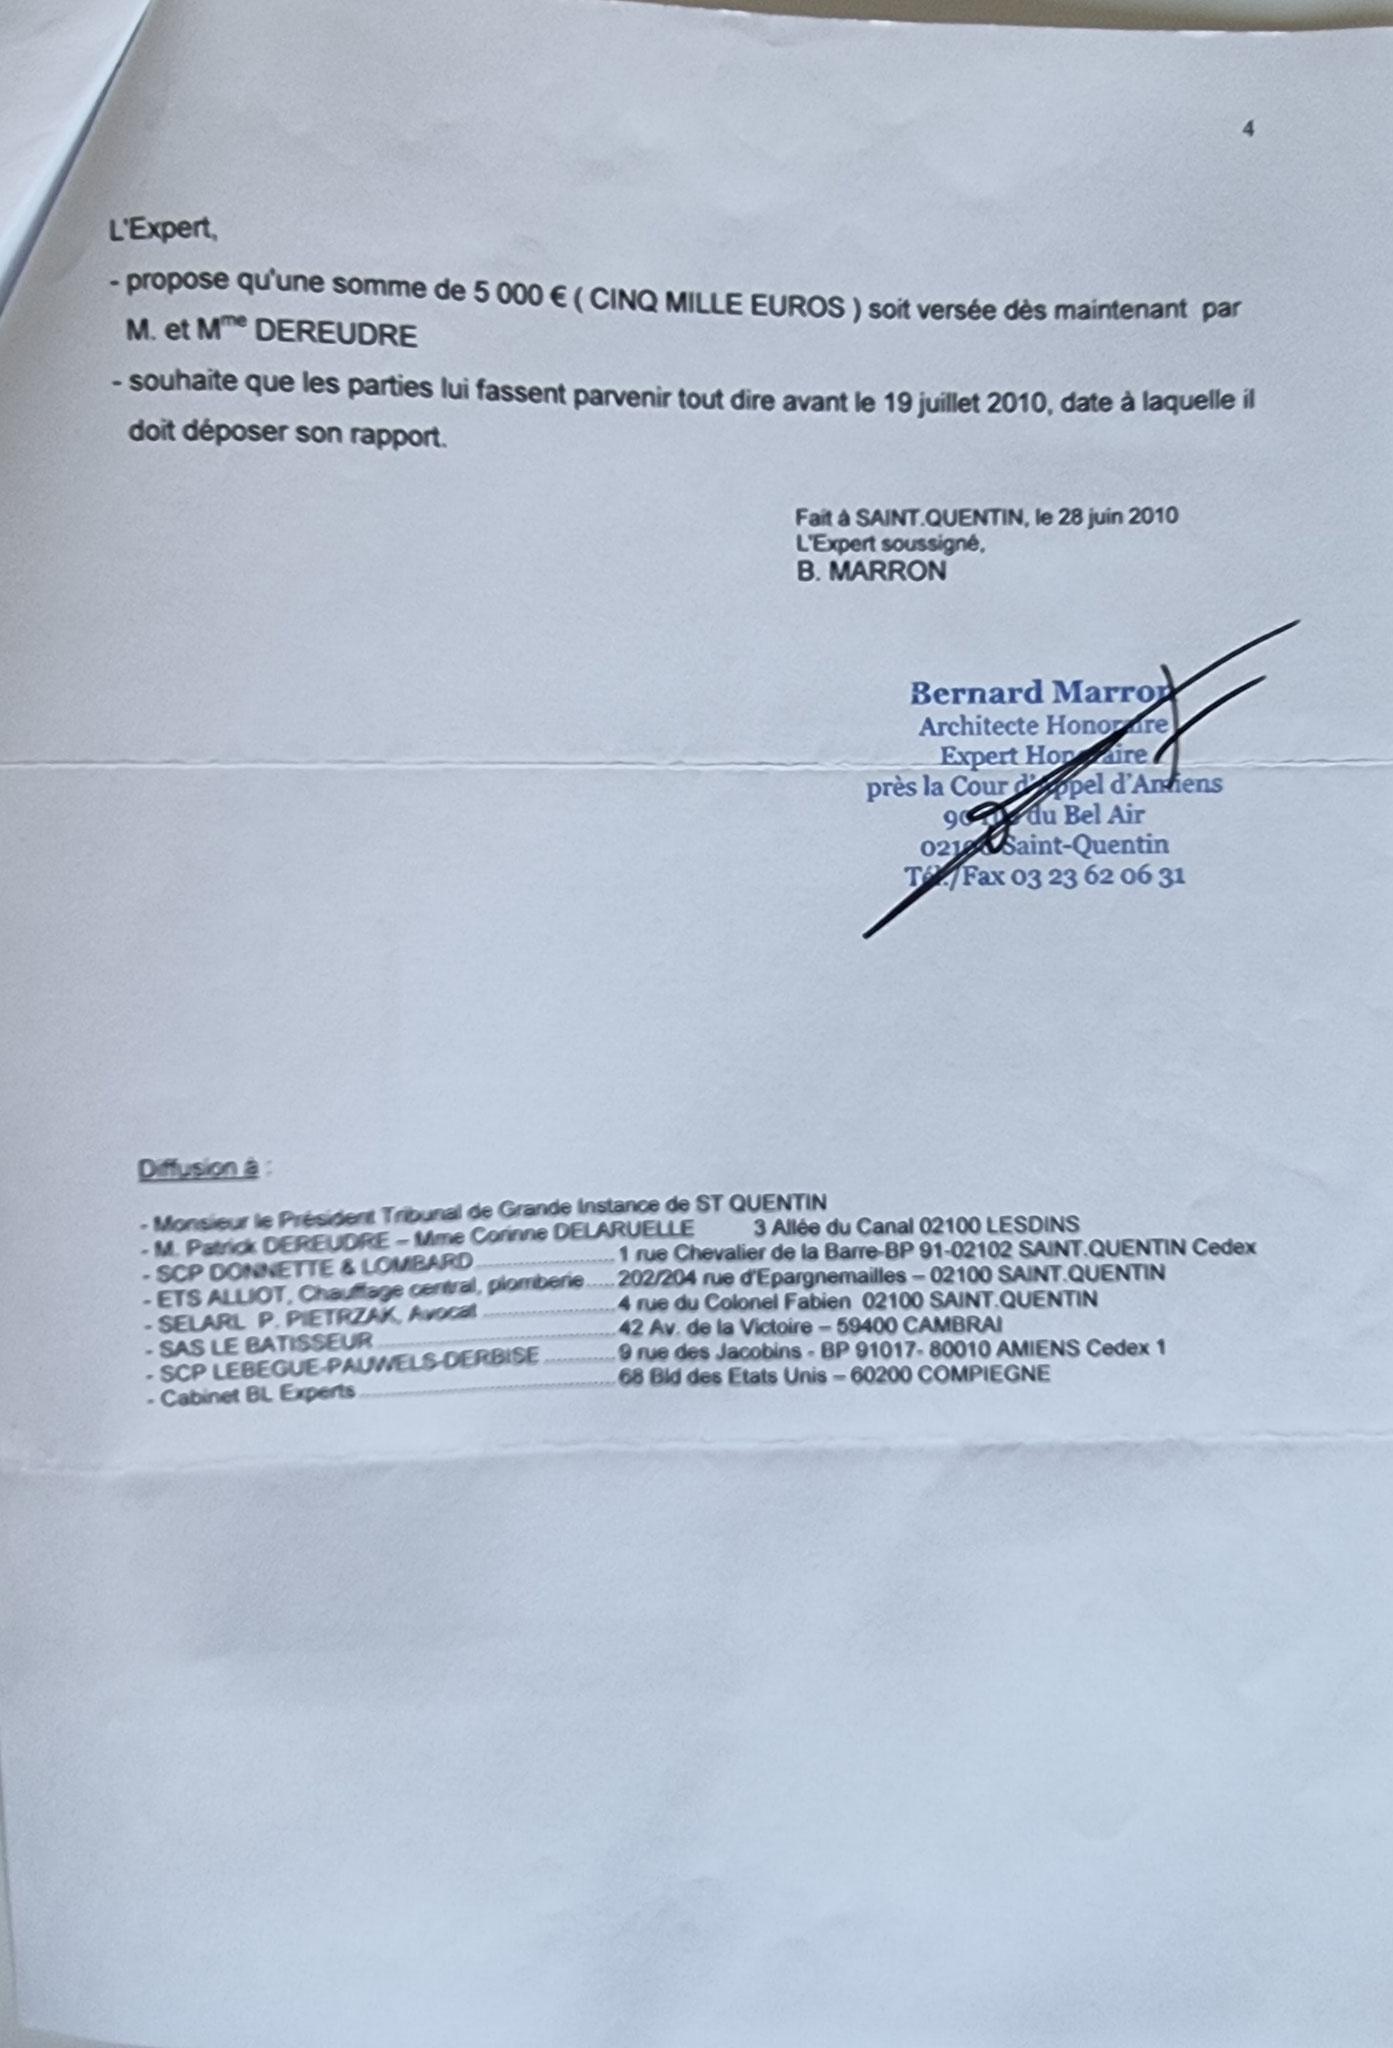 Le 18 Mars 2010 Monsieur Bernard MARRON Expert Judiciaire auprès de la Cour d'Appel d'Amiens m'adresse son troisième rapport Judiciaire.  INACCEPTABLE  BORDERLINE    EXPERTISES JUDICIAIRES ENTRE COPAINS... www.jesuispatrick.fr www.jesuisvictime.fr